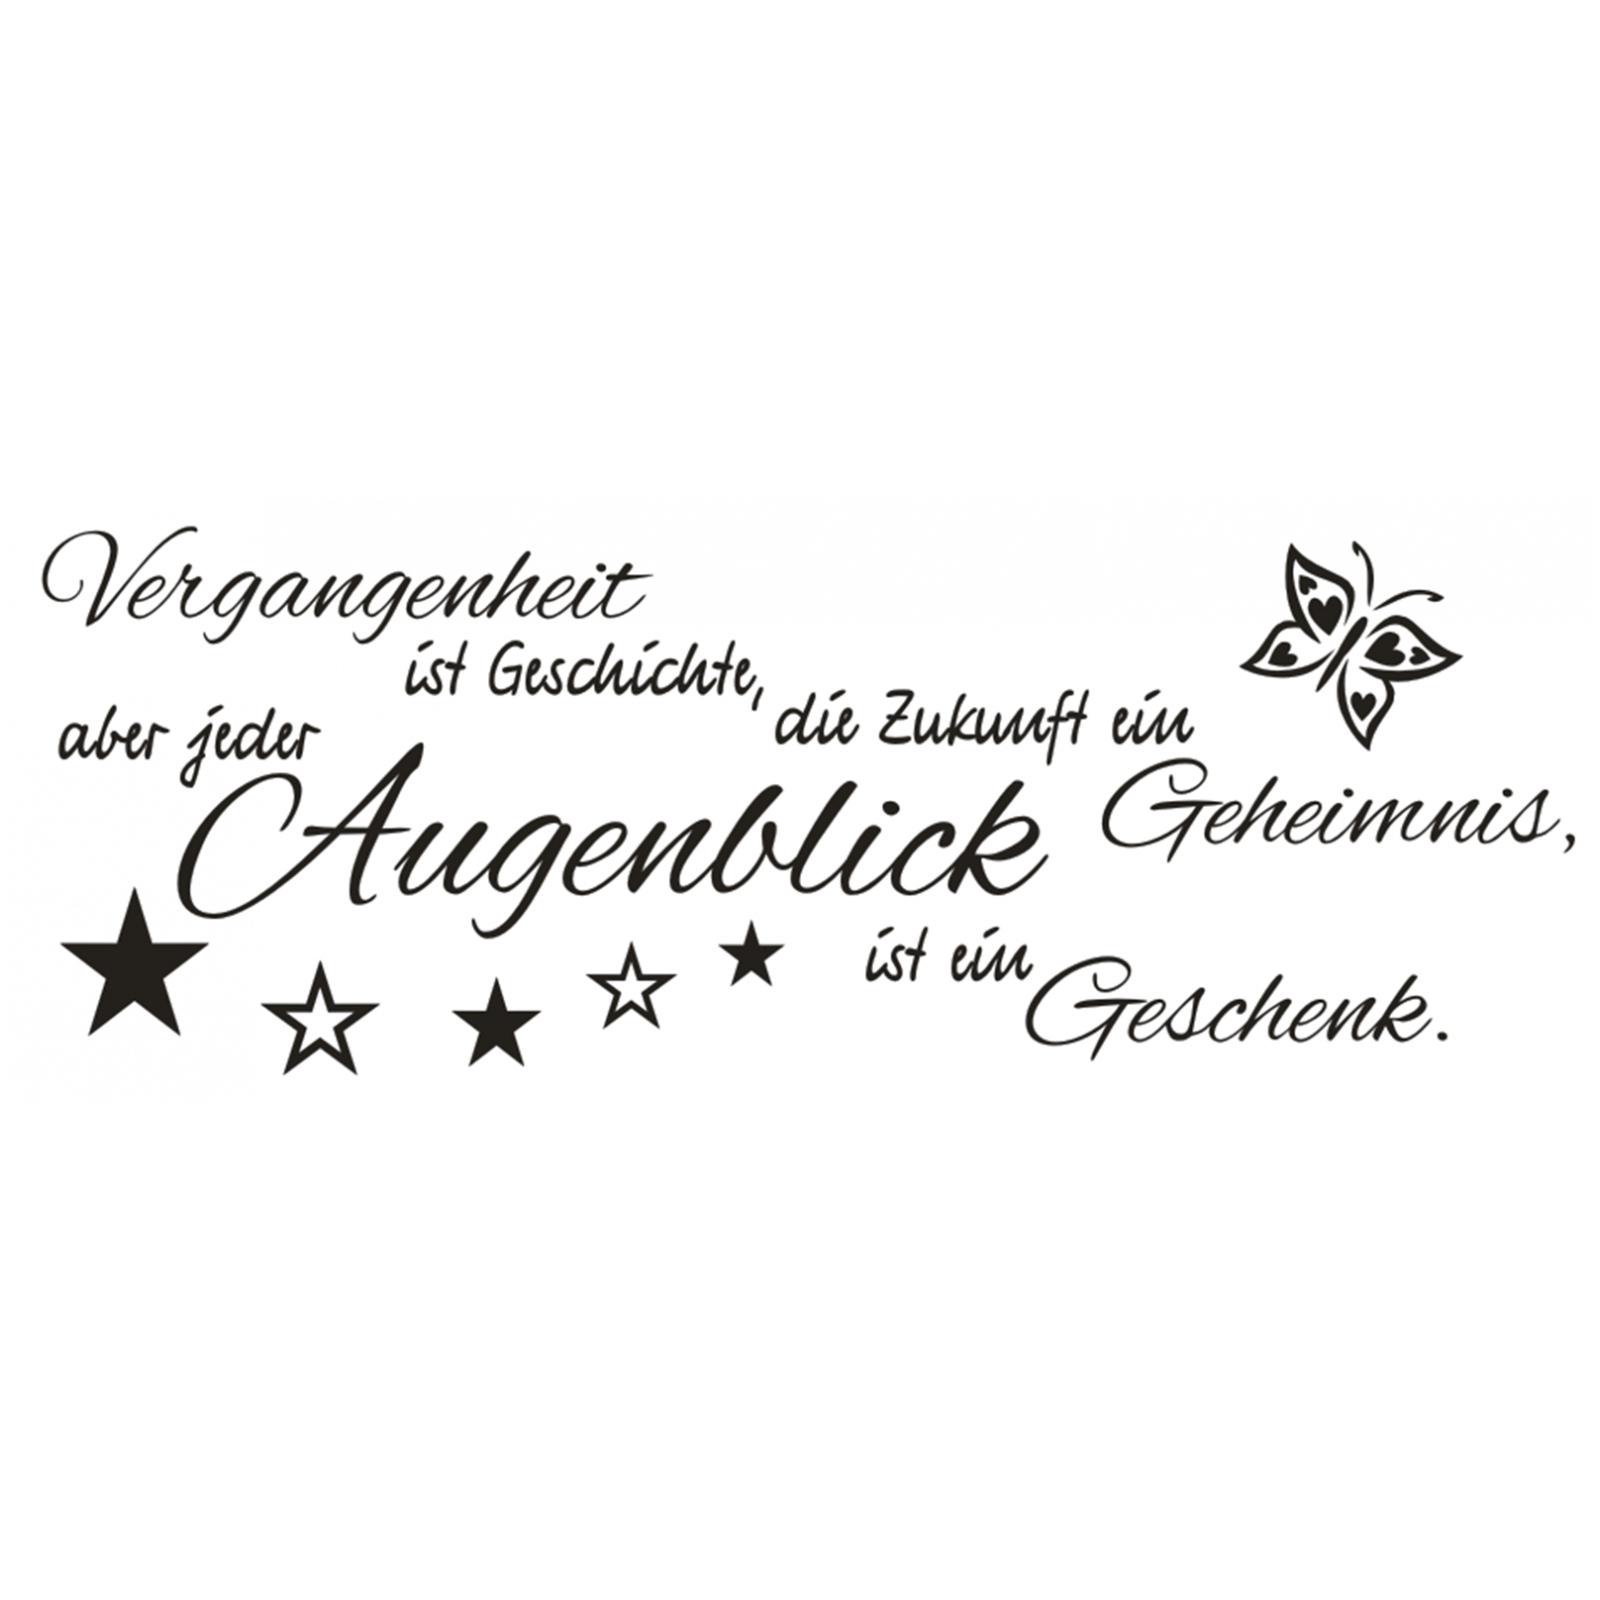 Details Zu Wandtattoo Spruch Vergangenheit Ist Zukunft Augenblick Wandaufkleber Sticker 5